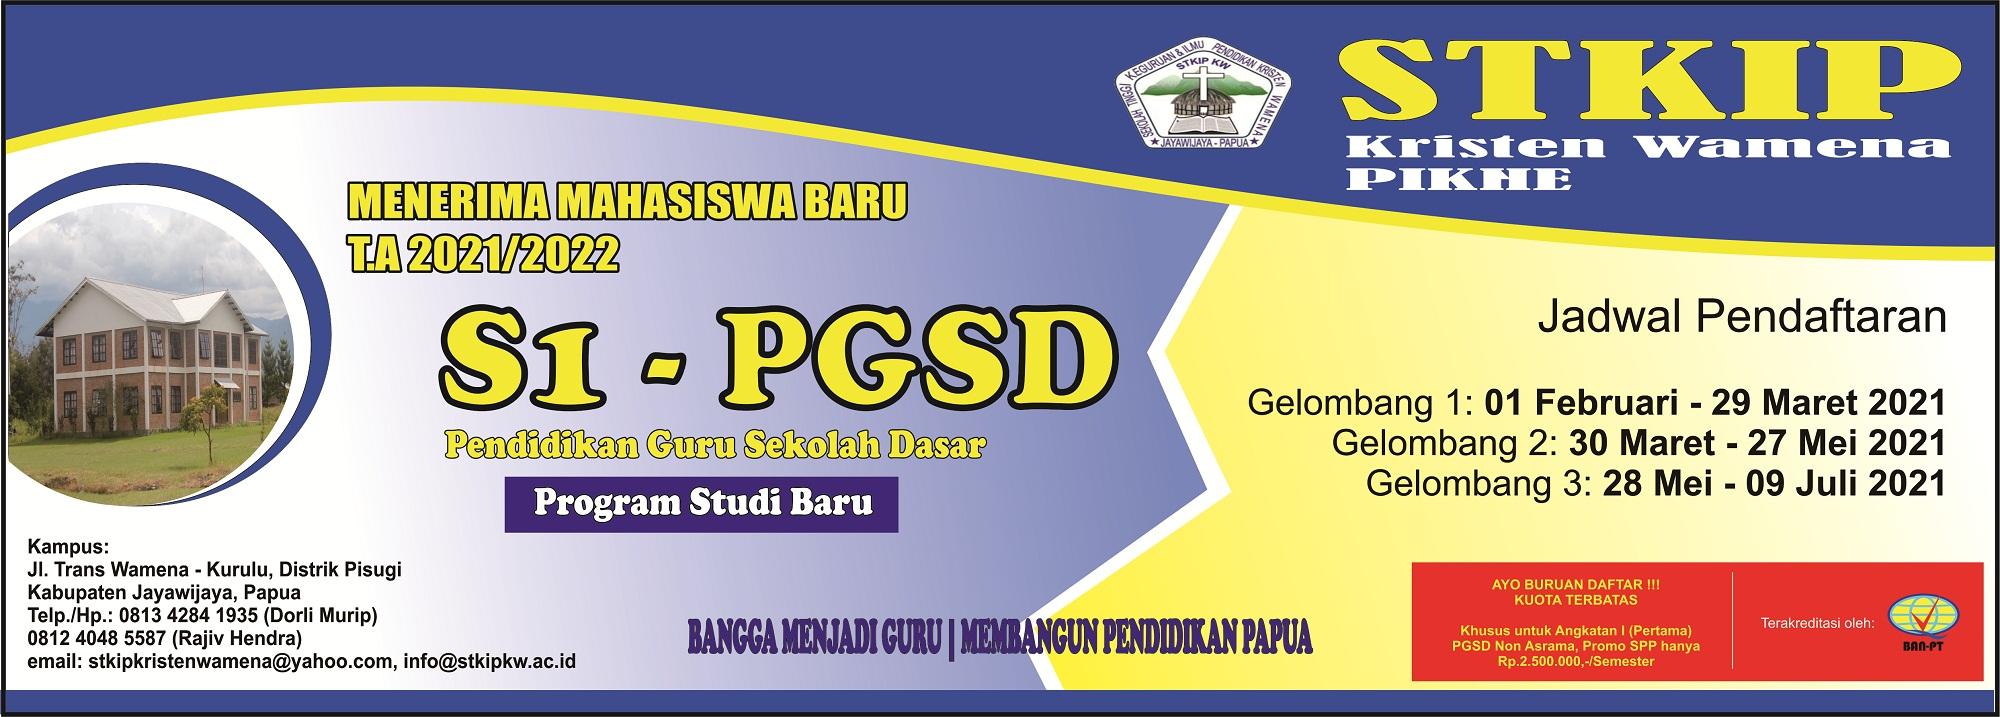 PROGRAM STUDI PGSD (PENDIDIKAN GURU SEKOLAH DASAR)